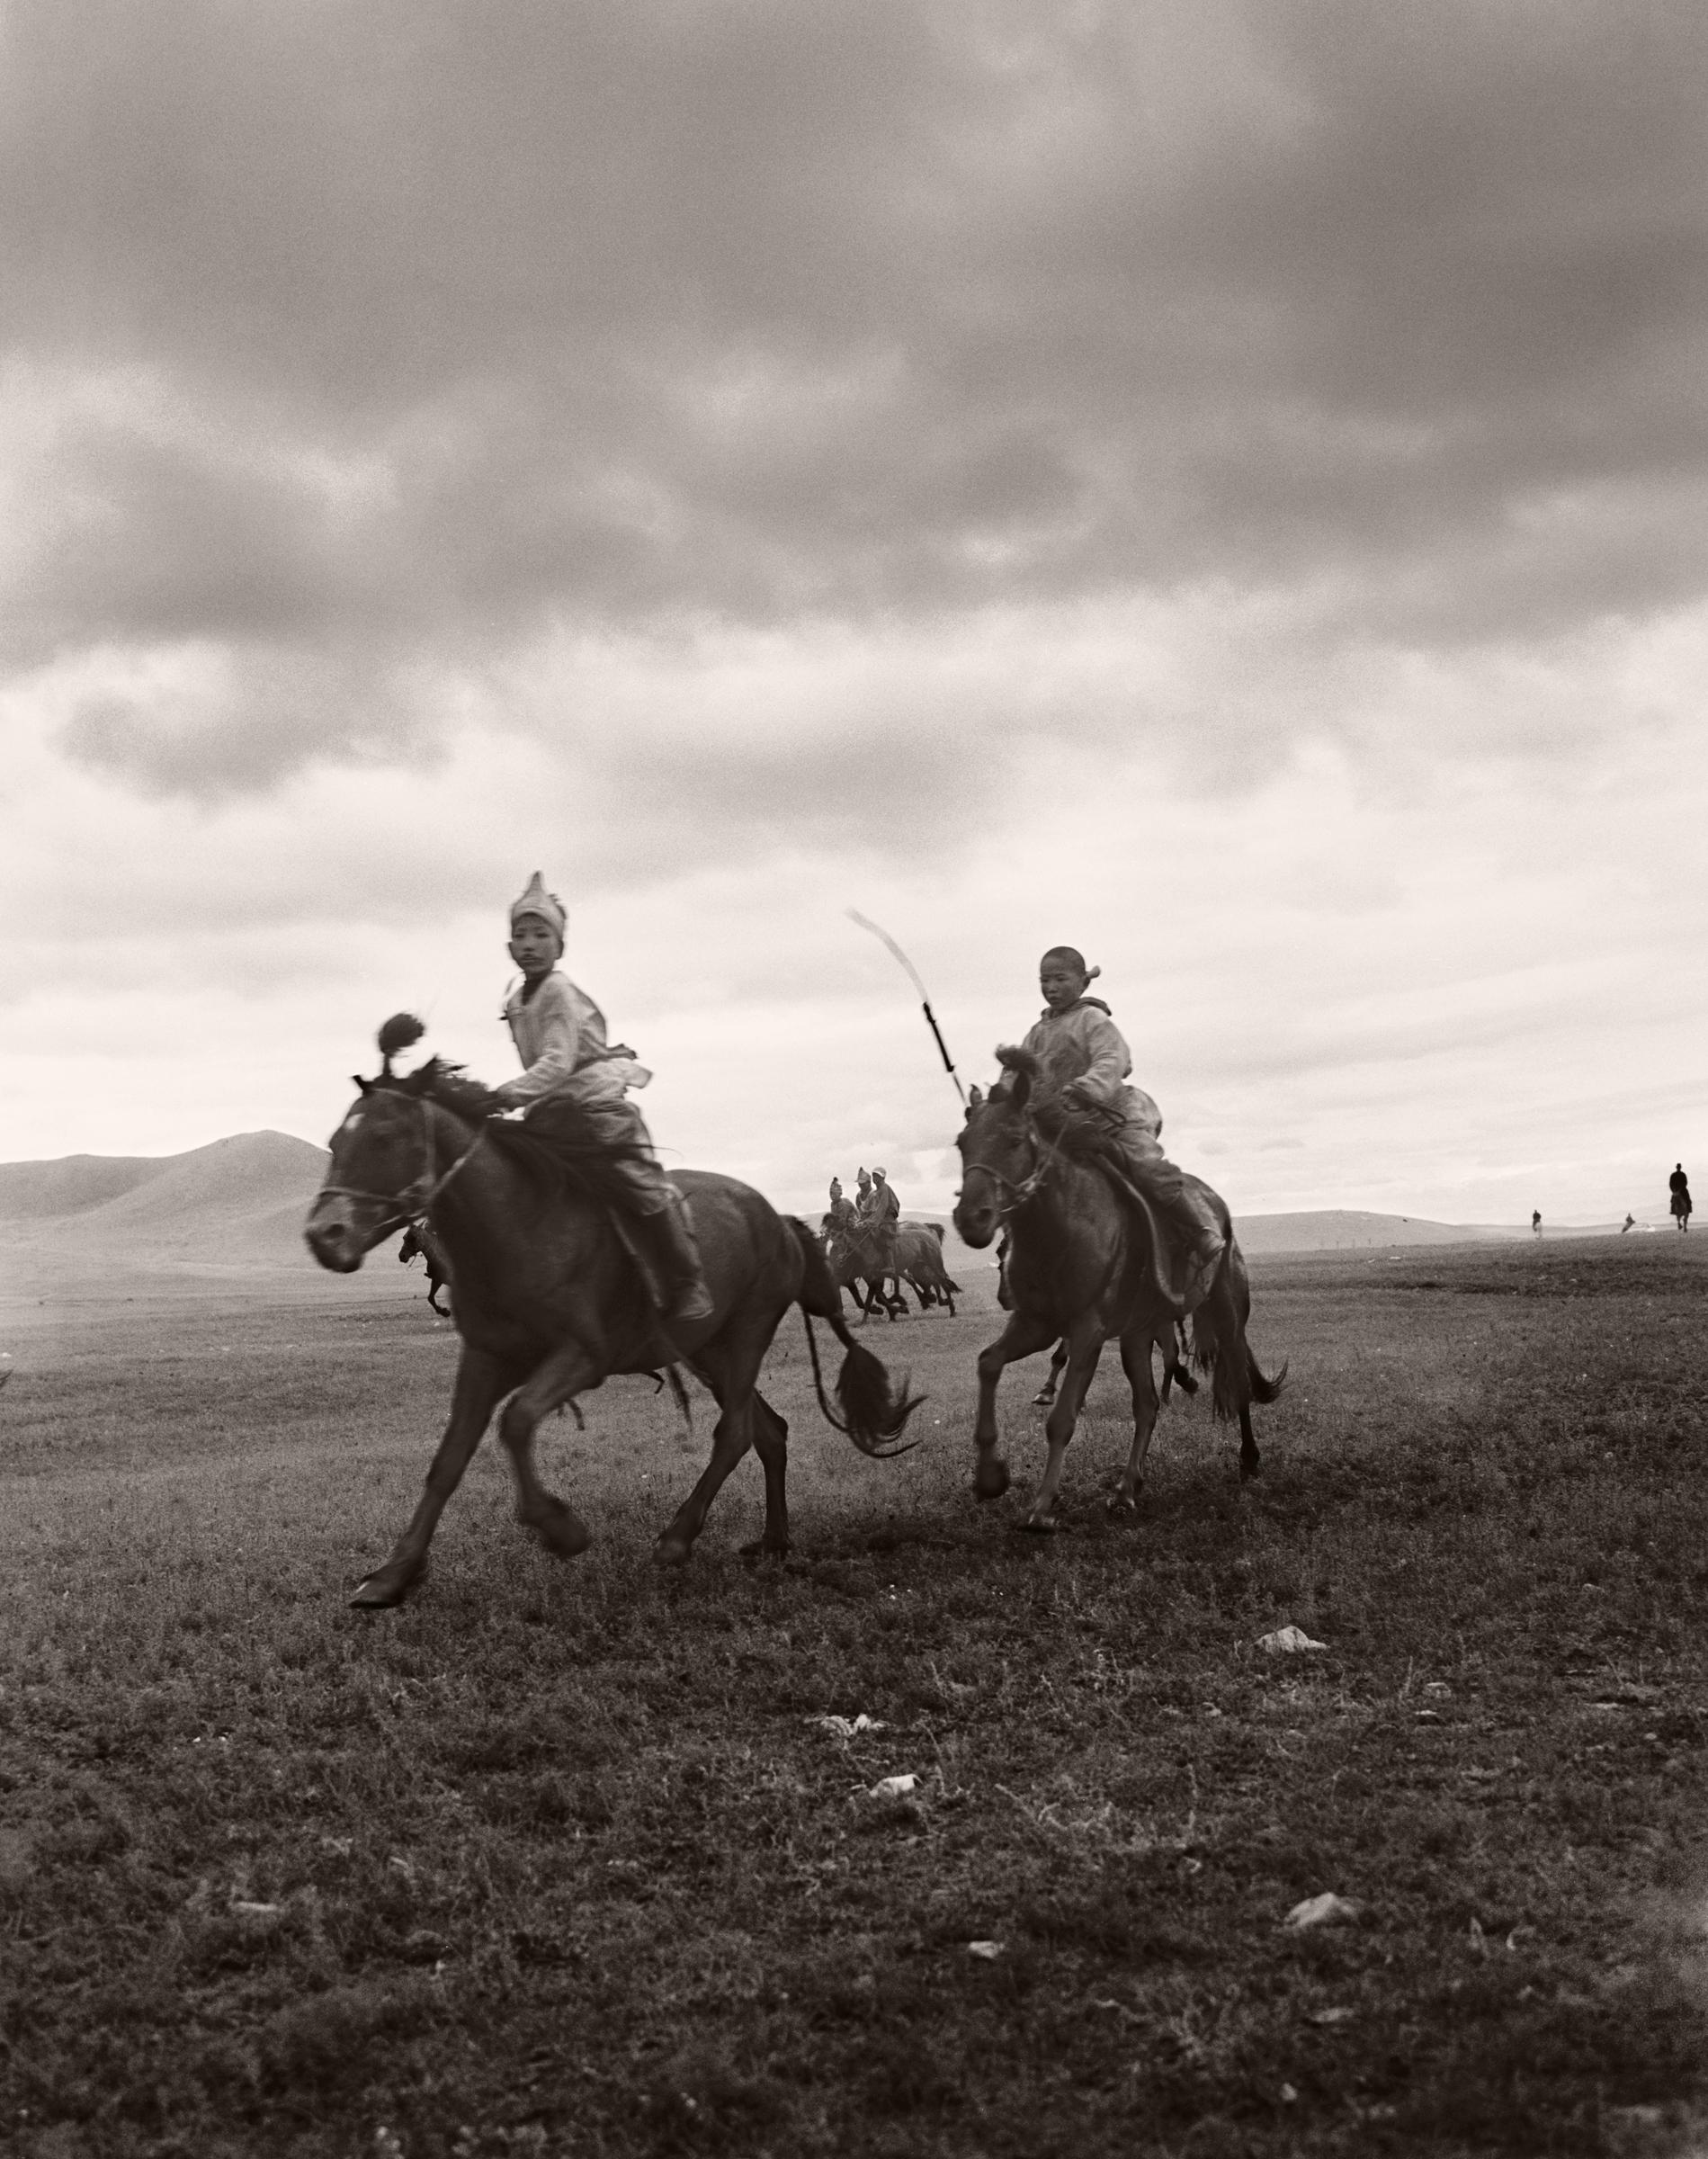 KIDS IN MONGOLIA ON HORSES